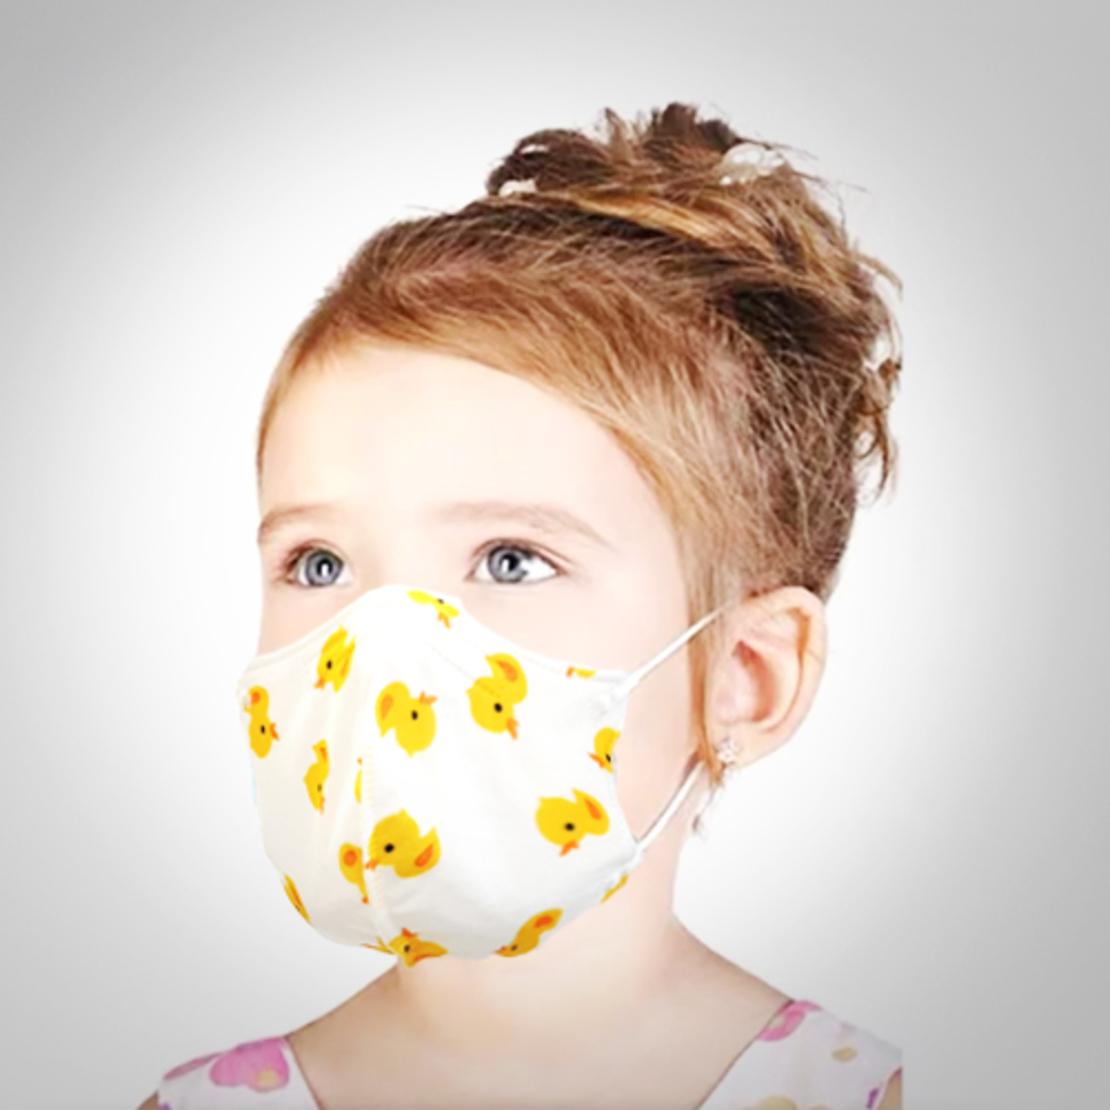 50 מסכות כירורגיות N95 לילדים